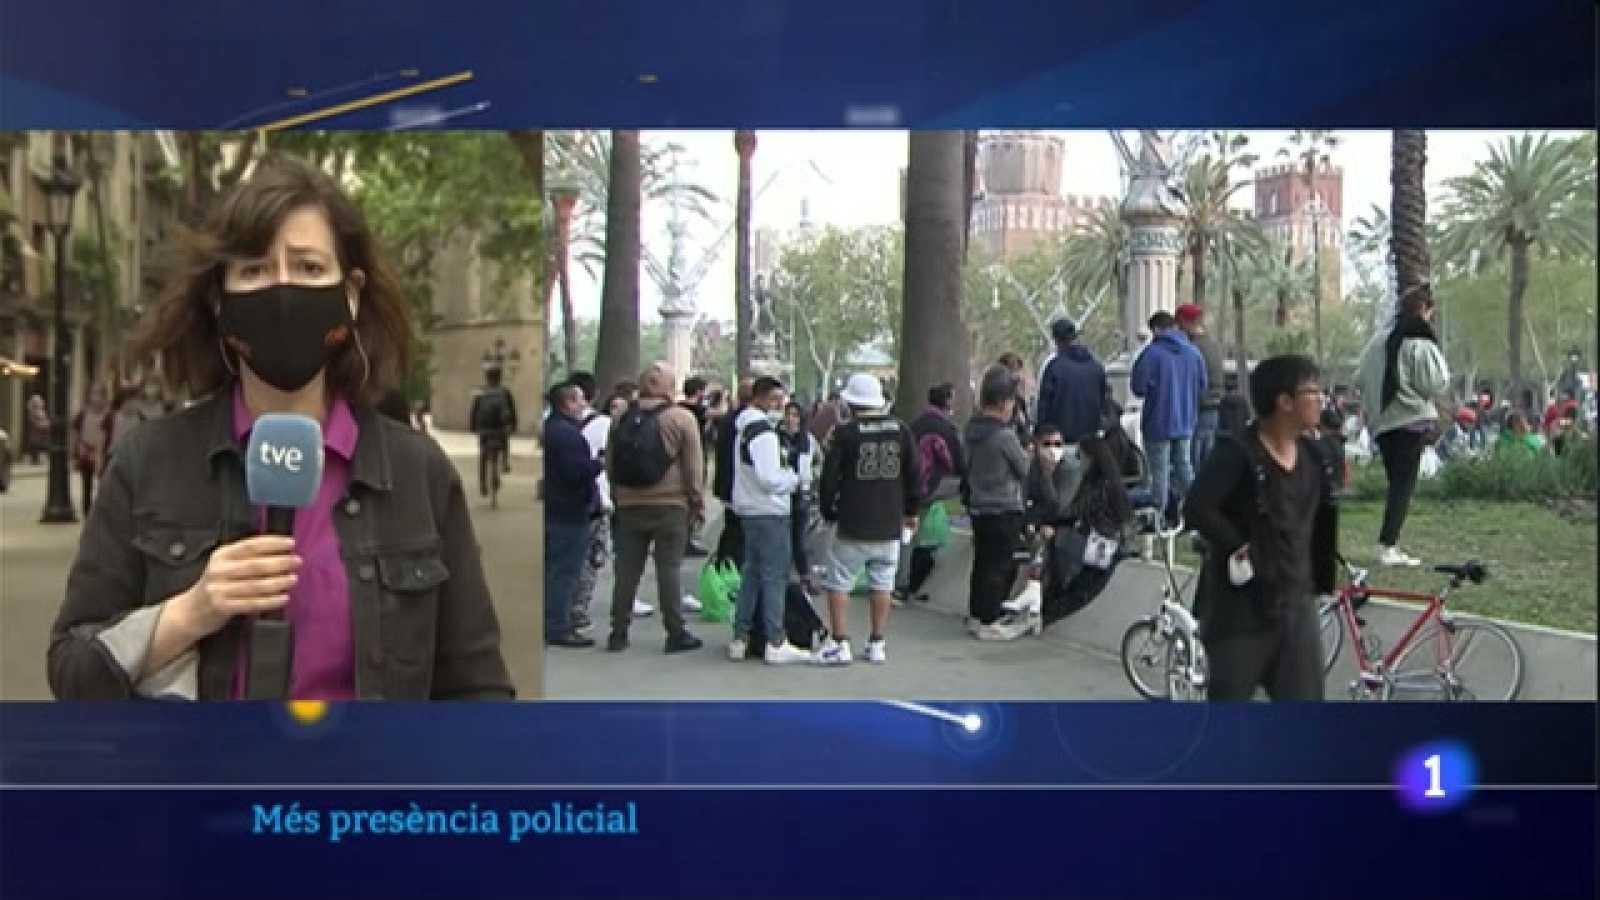 Més presència policial al carrer a partir de la matinada del diumenge